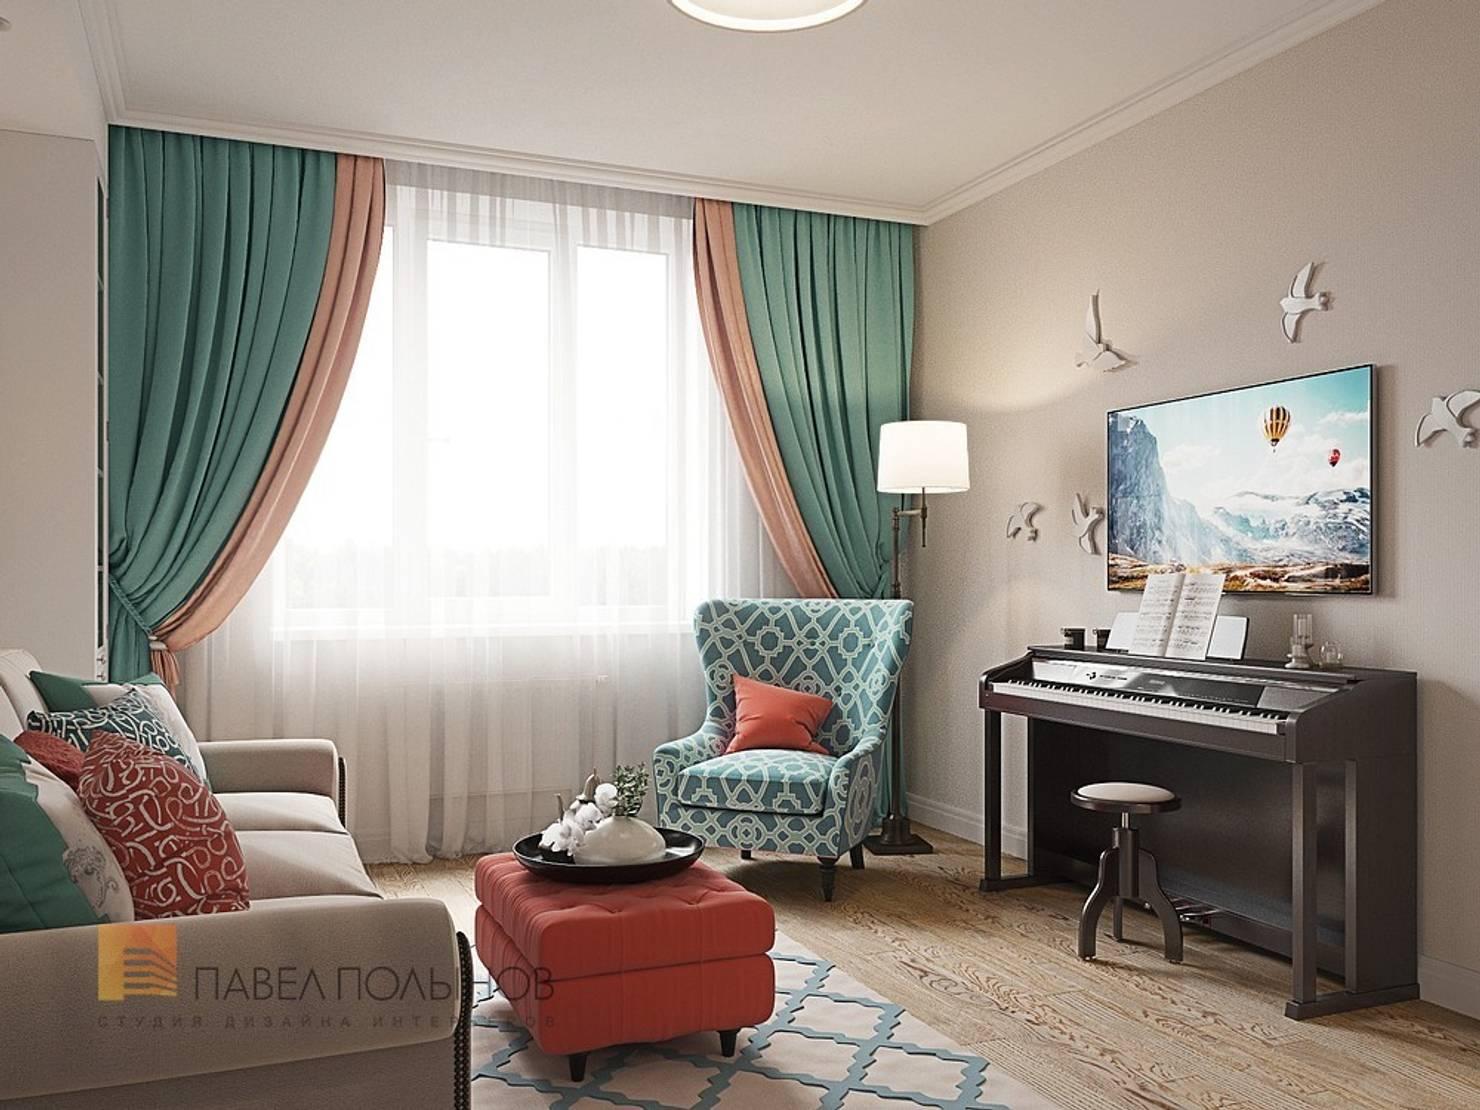 Un apartamento pequeño simplemente maravilloso